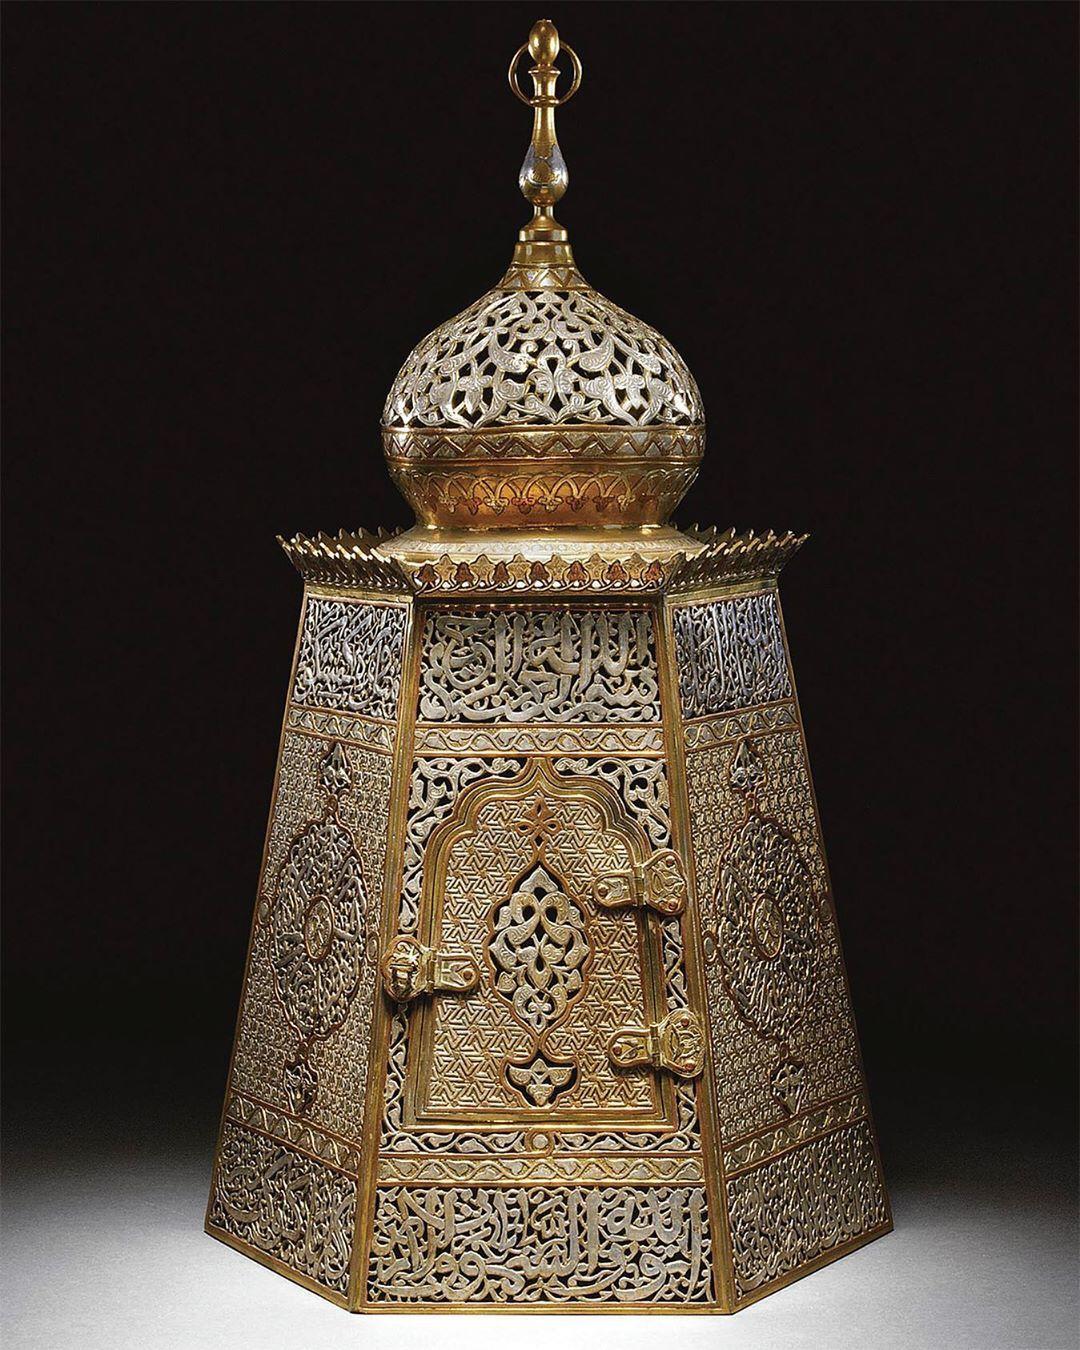 فانوس مملوكي من النحاس المطعم سوريا مصر القرن التاسع عشر وارتفاعه ٦٩ سم هل يمكنك وصفه فنيا وتحديد انواع الزخارف و Brass Lantern Islamic Art Decorative Jars